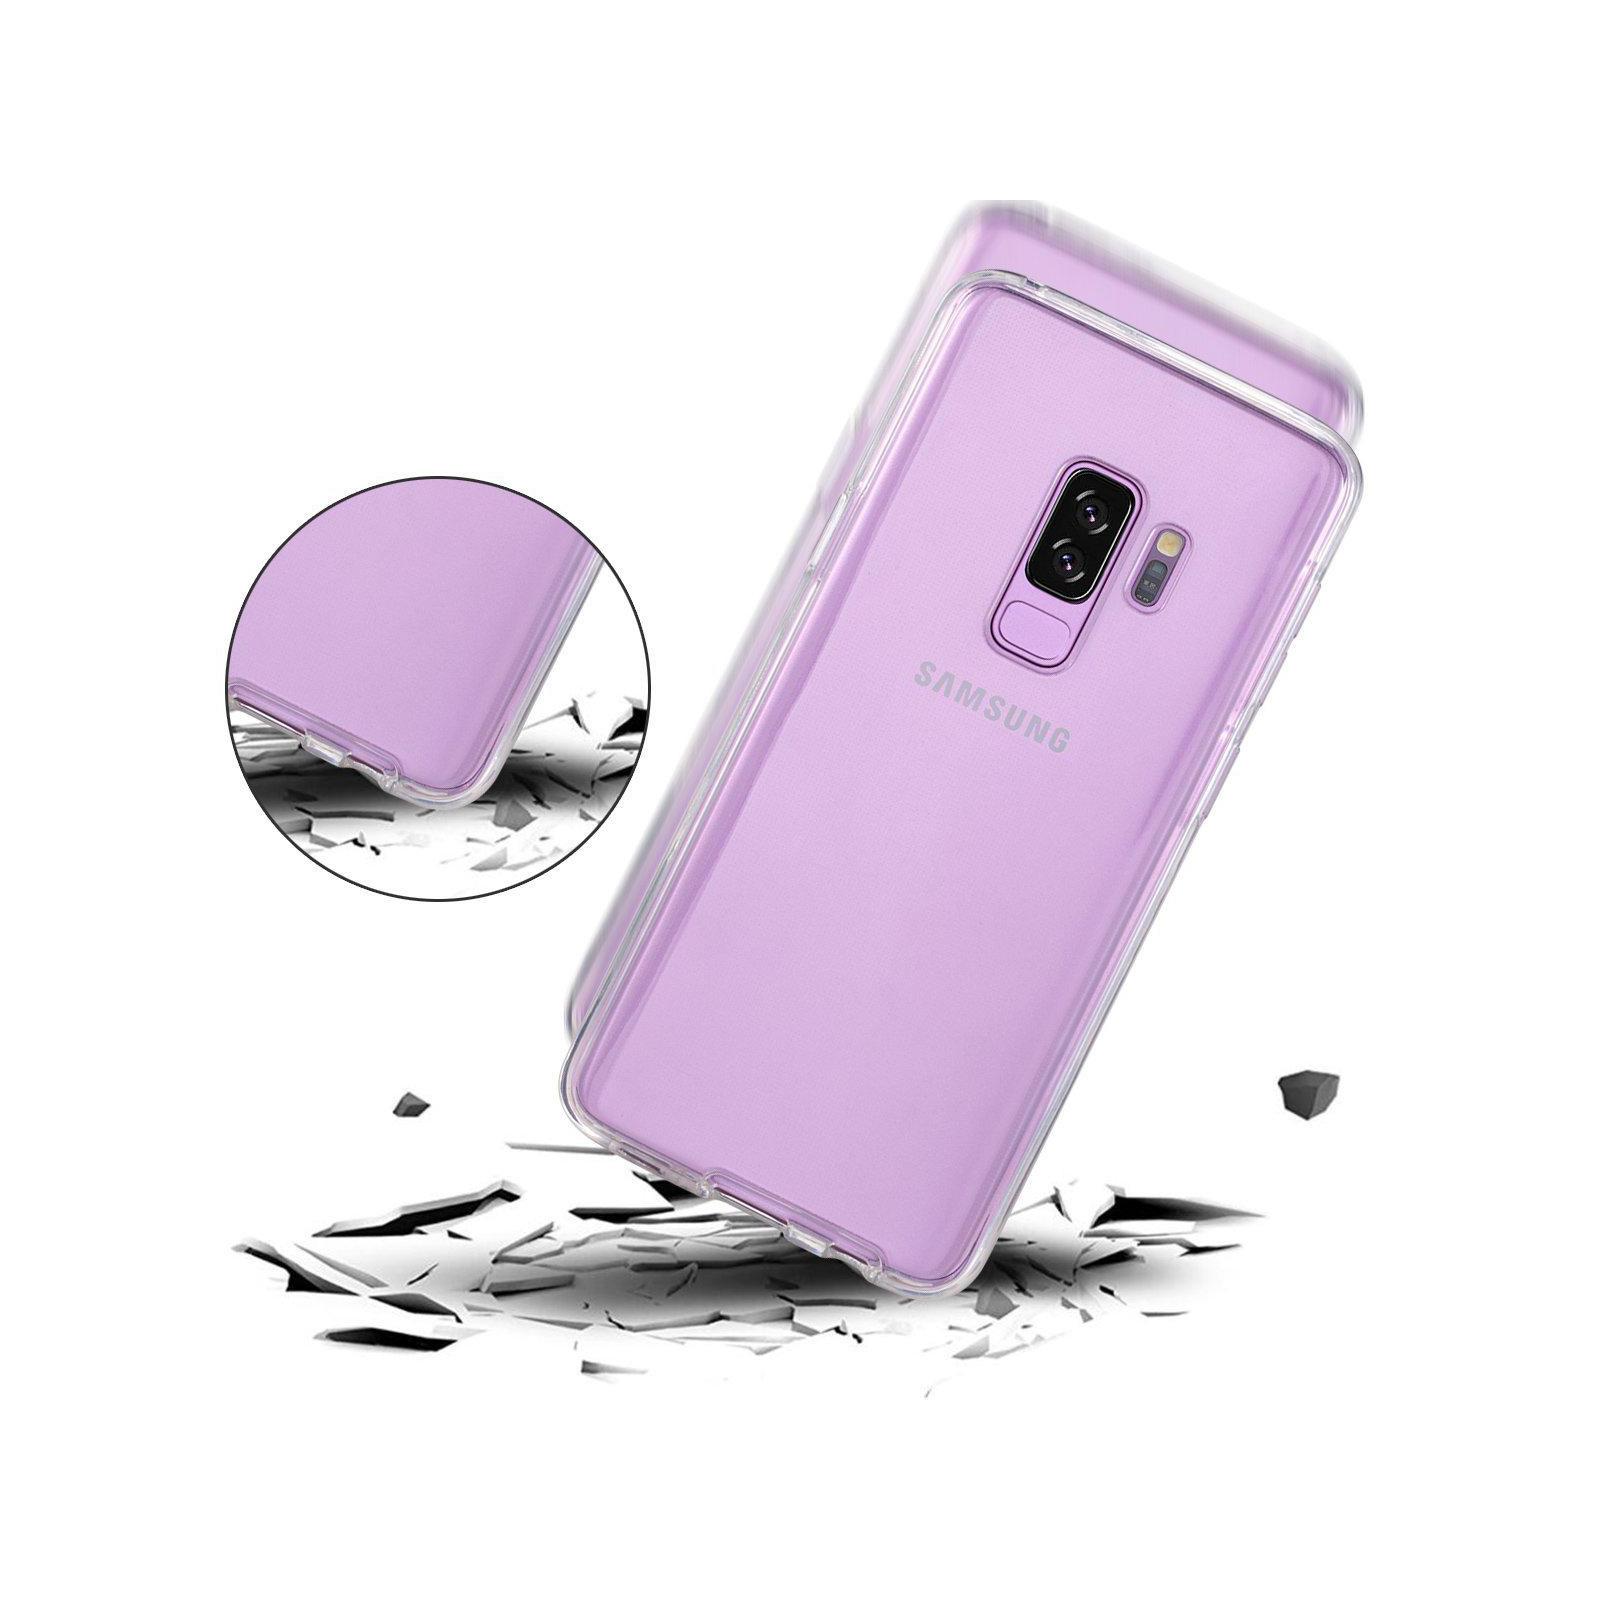 Чехол для моб. телефона Laudtec для SAMSUNG Galaxy S9 Plus Clear tpu (Transperent) (LC-GS9PB) изображение 12